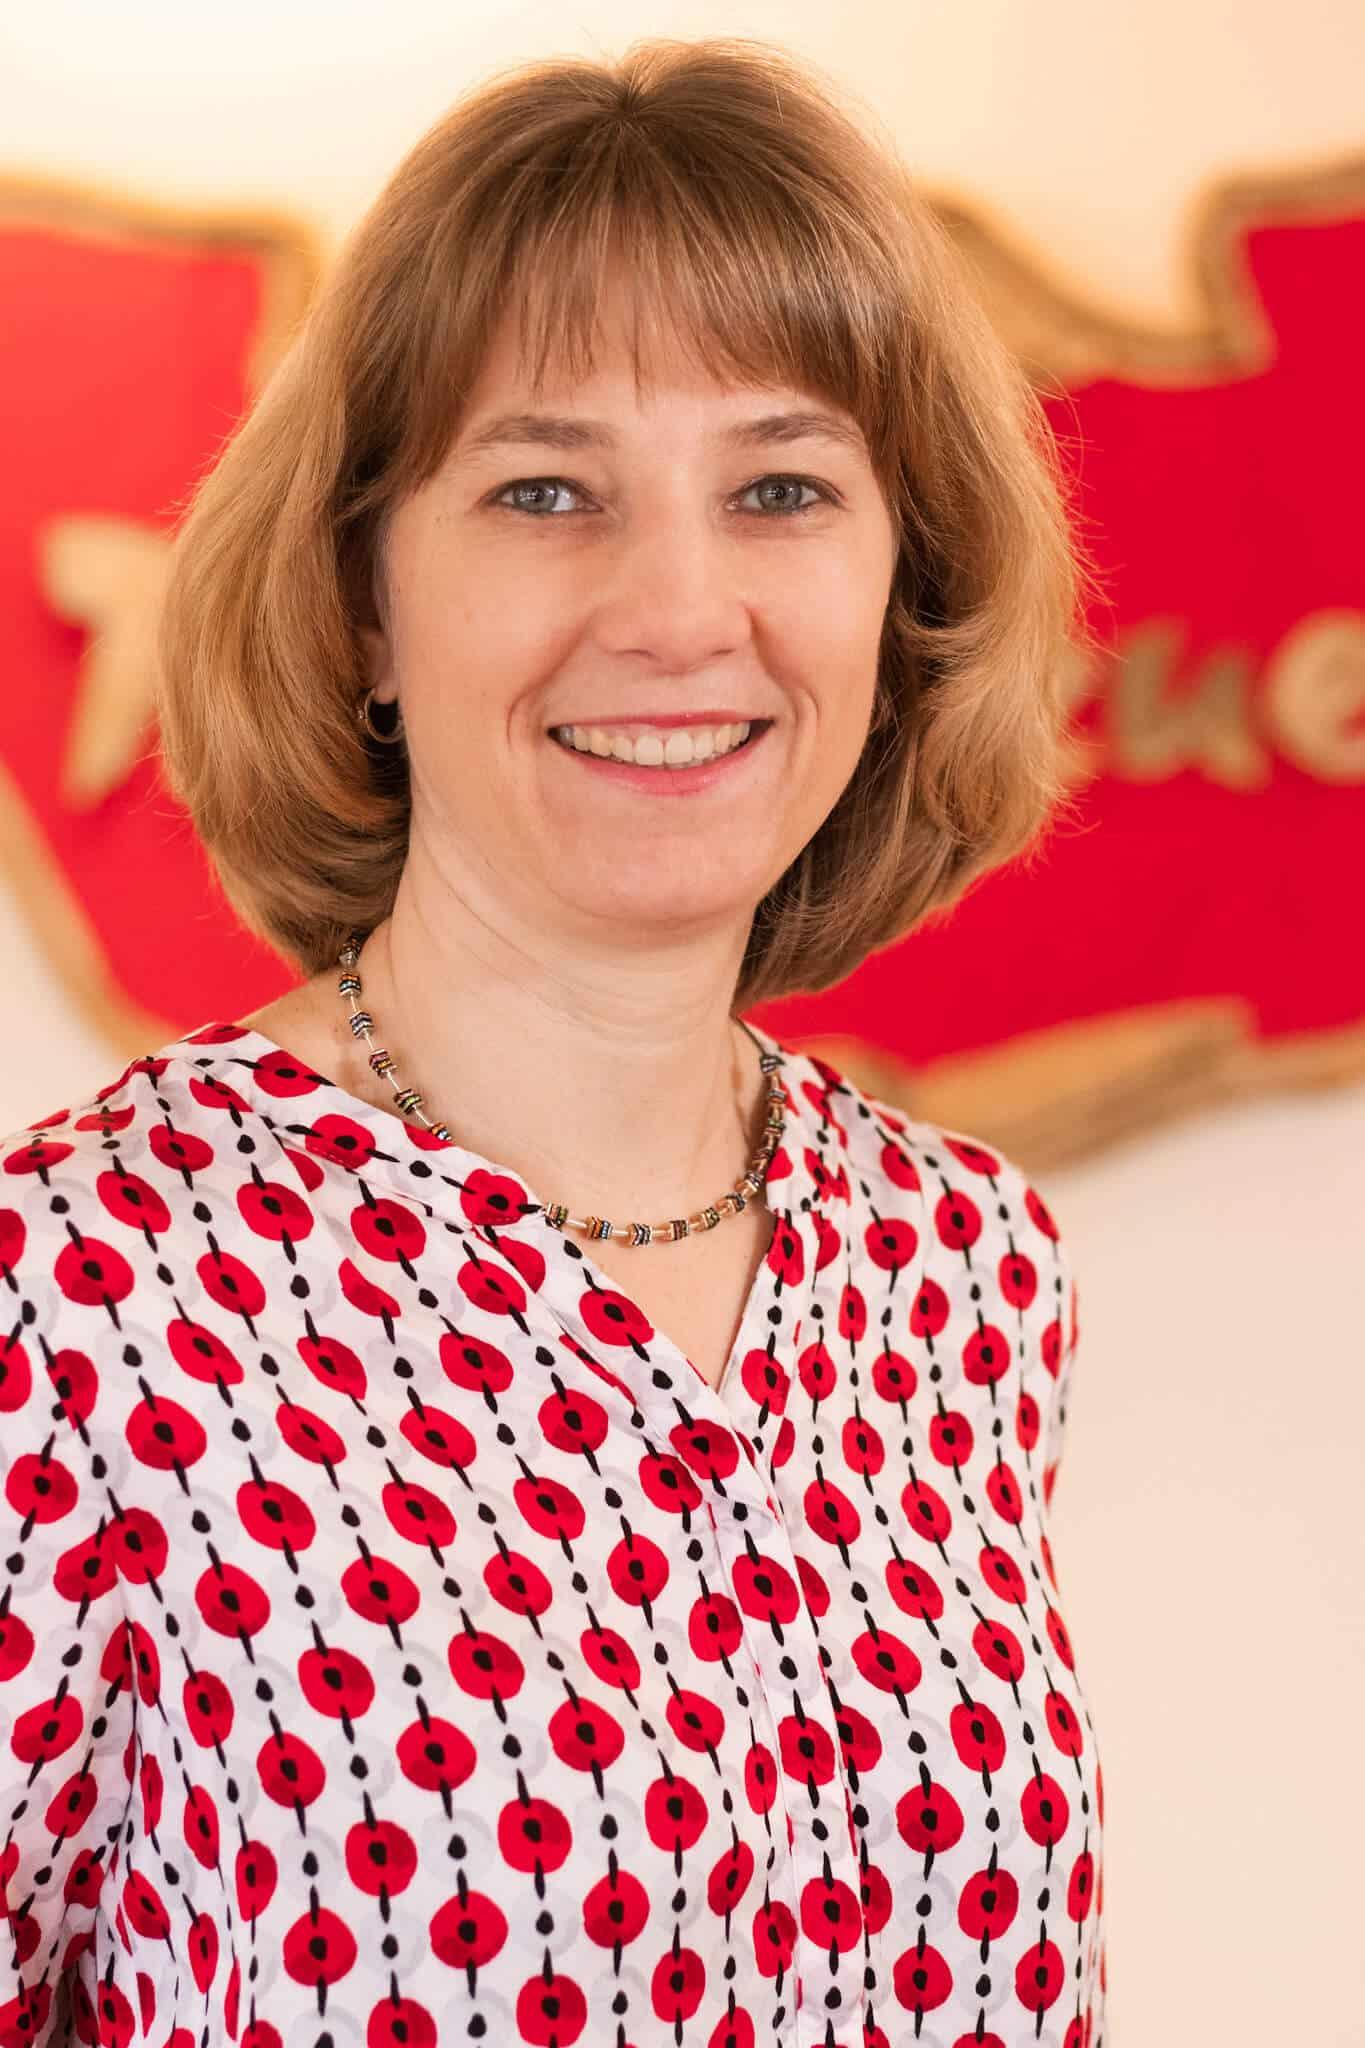 Claudia Kruhl